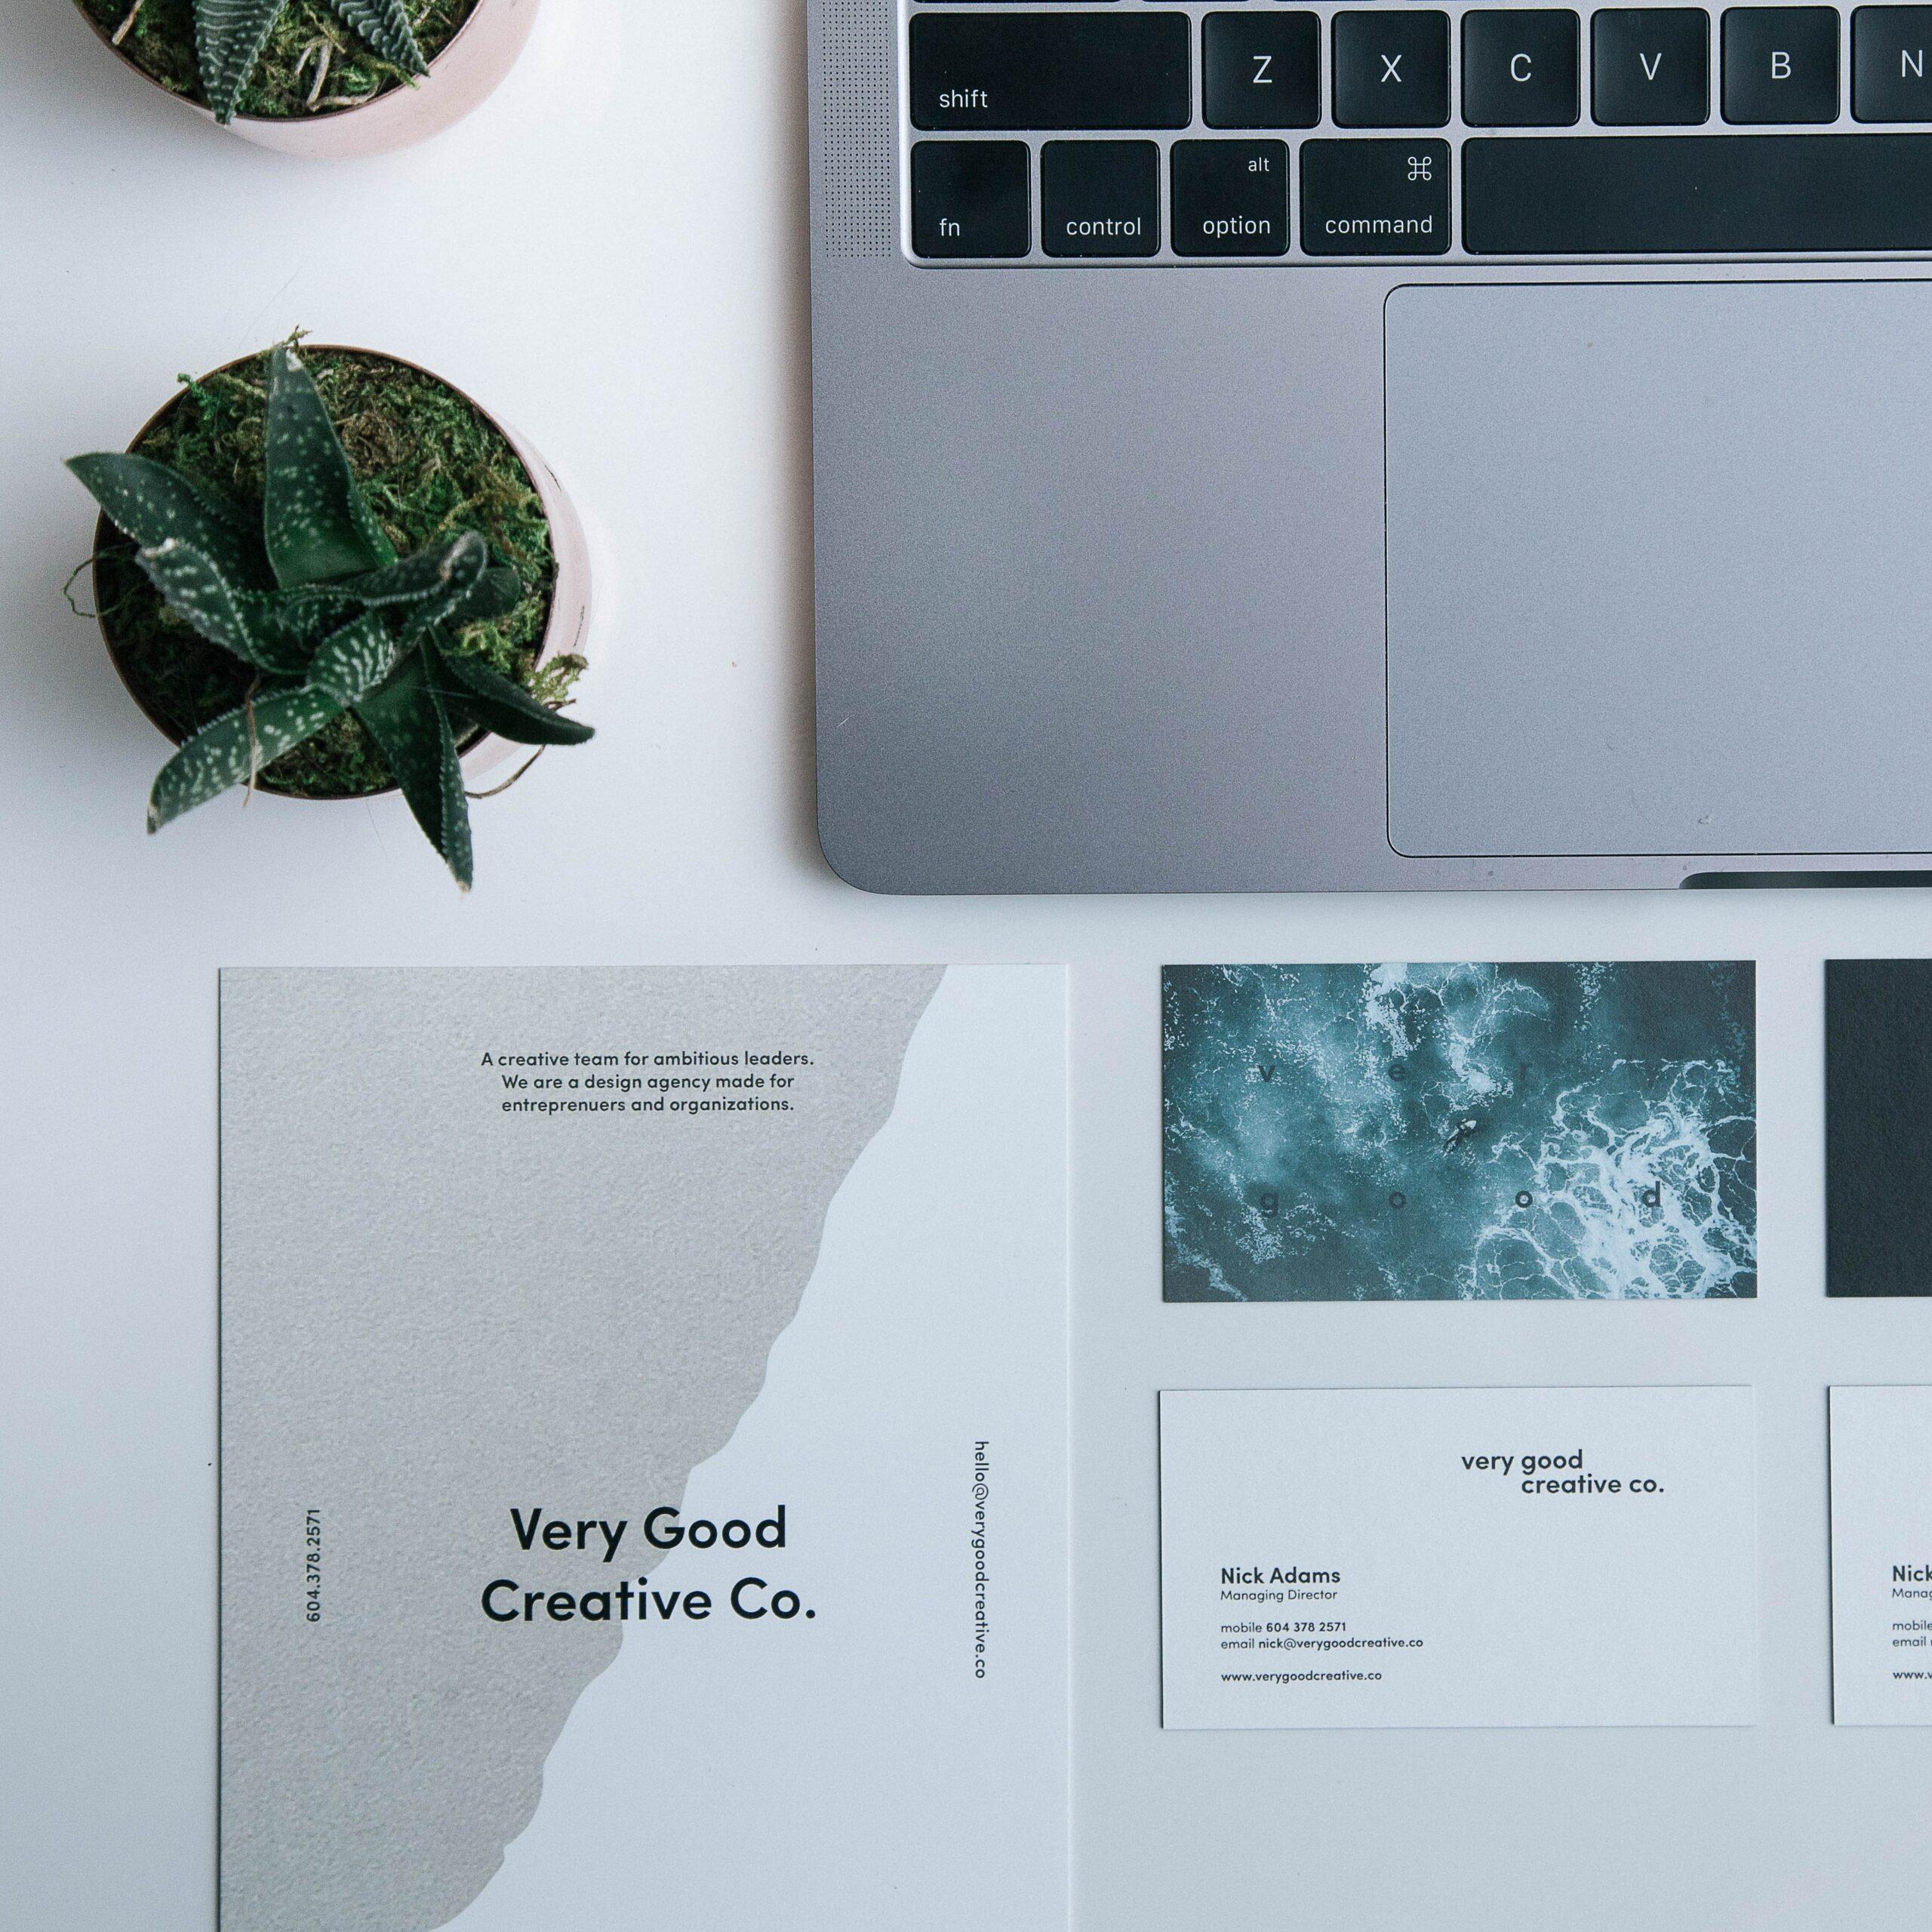 Reklam, layout och design